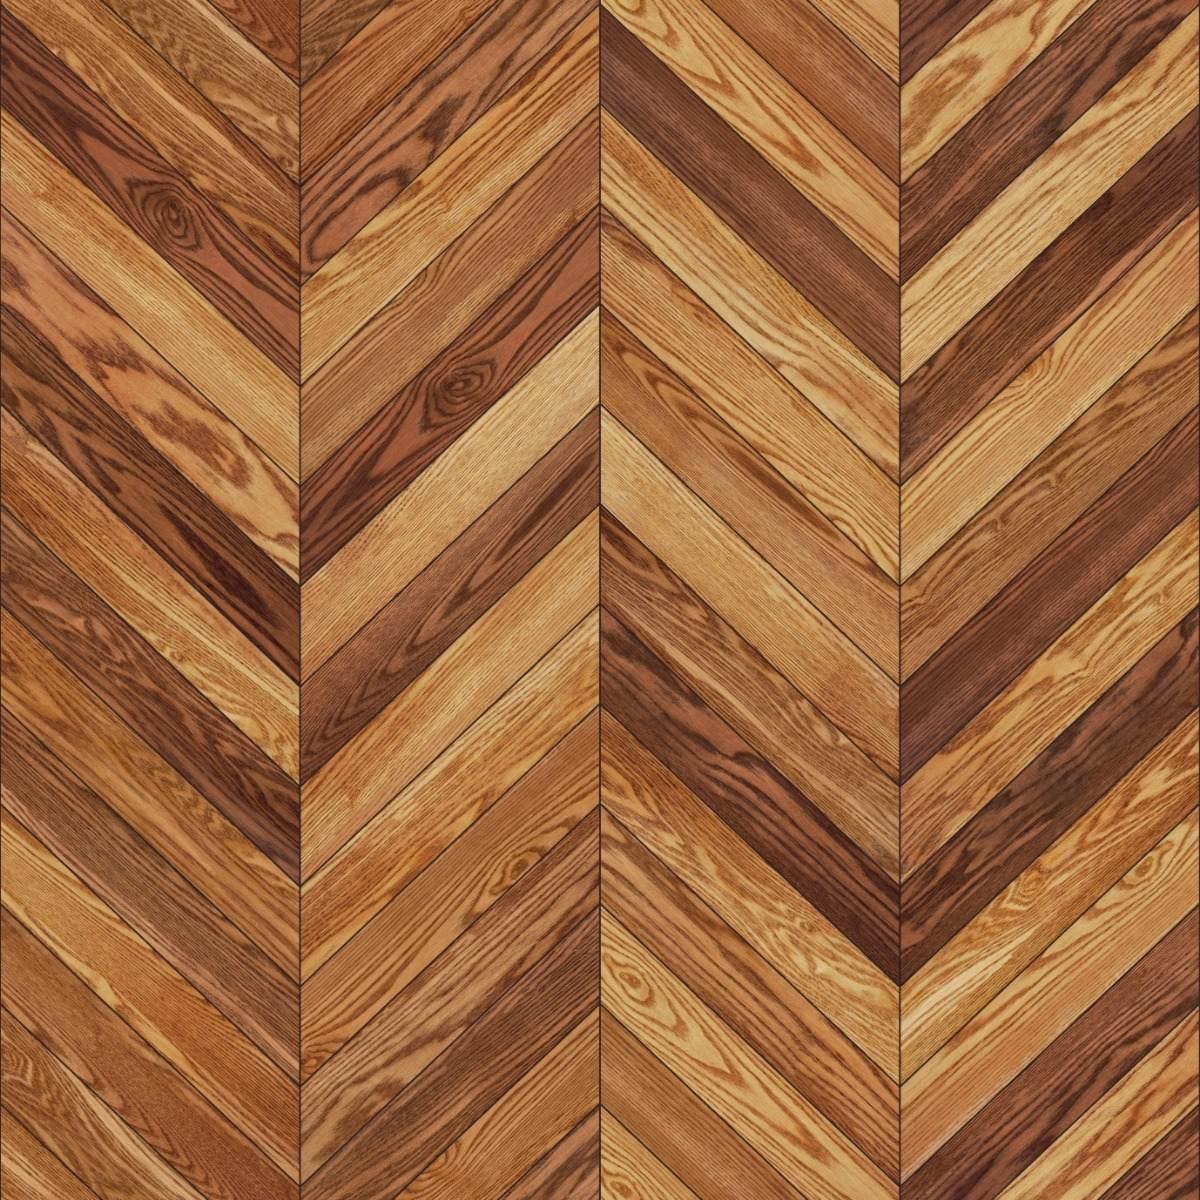 1bfa86d72 papel de parede madeira sala quarto rústico escama tons 3m. Carregando zoom.